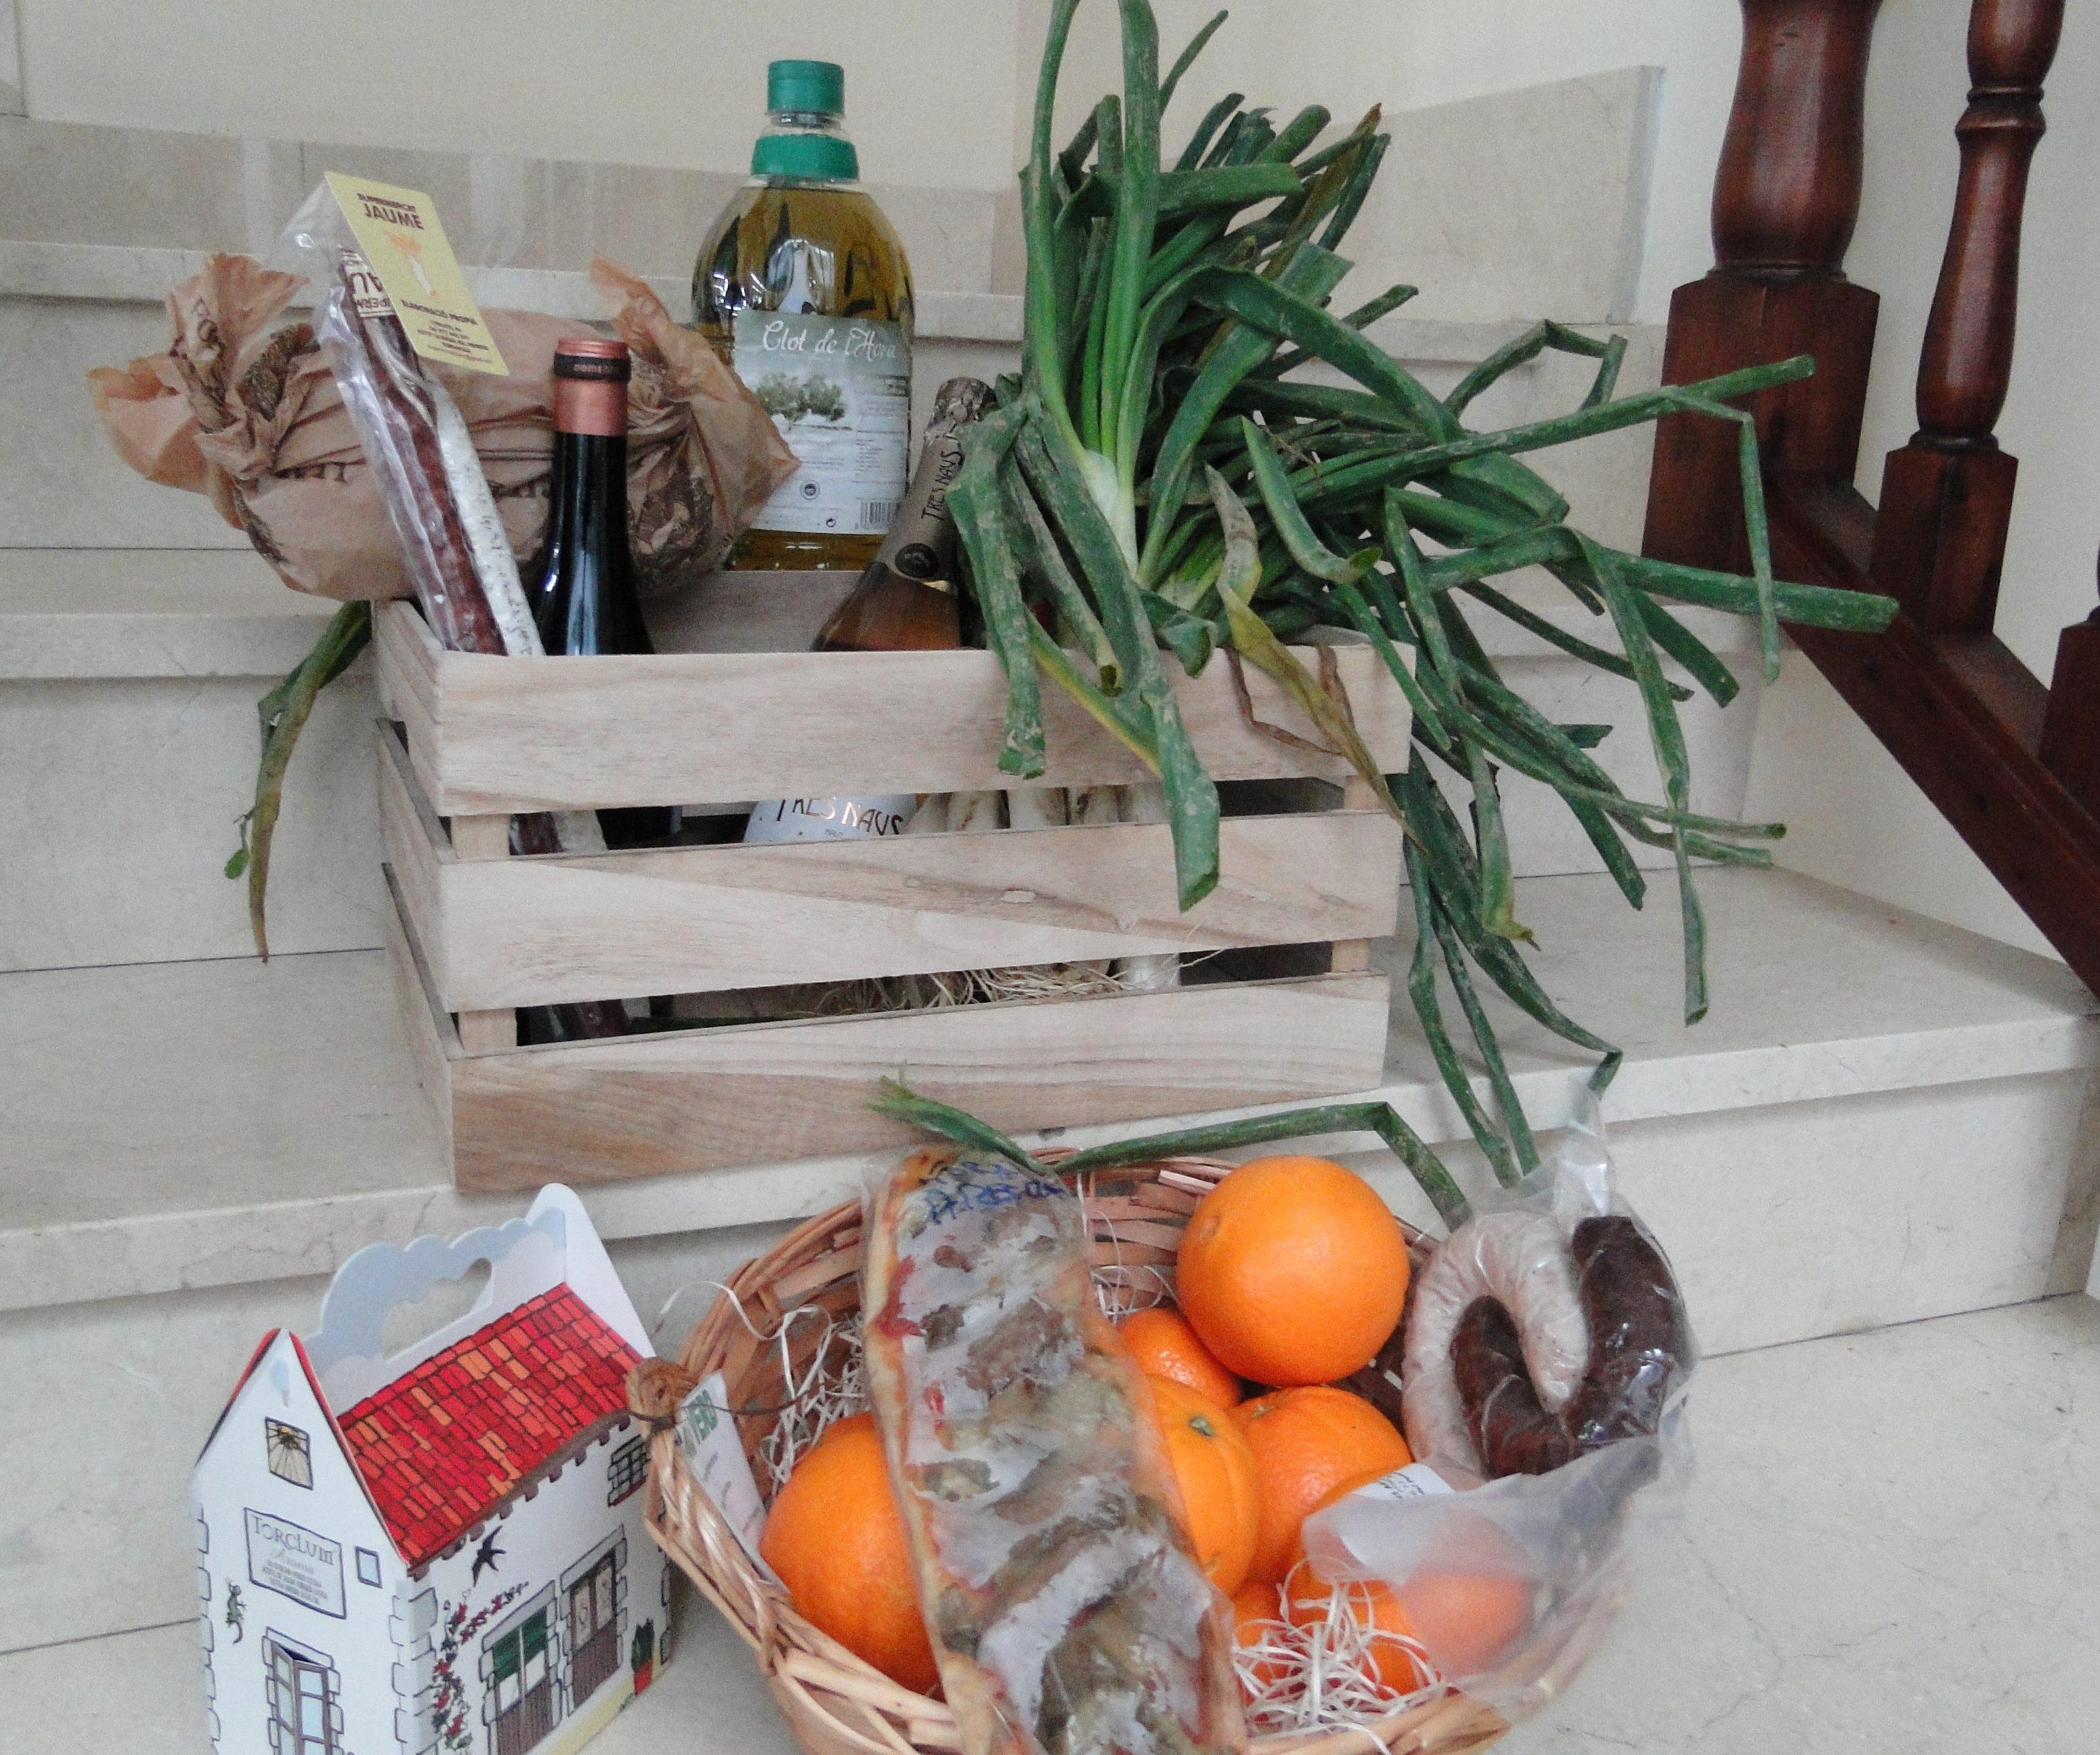 L'Ajuntament de la Bisbal del Penedès dóna a conèixer els productes locals a les empreses dels polígons industrials del municipi